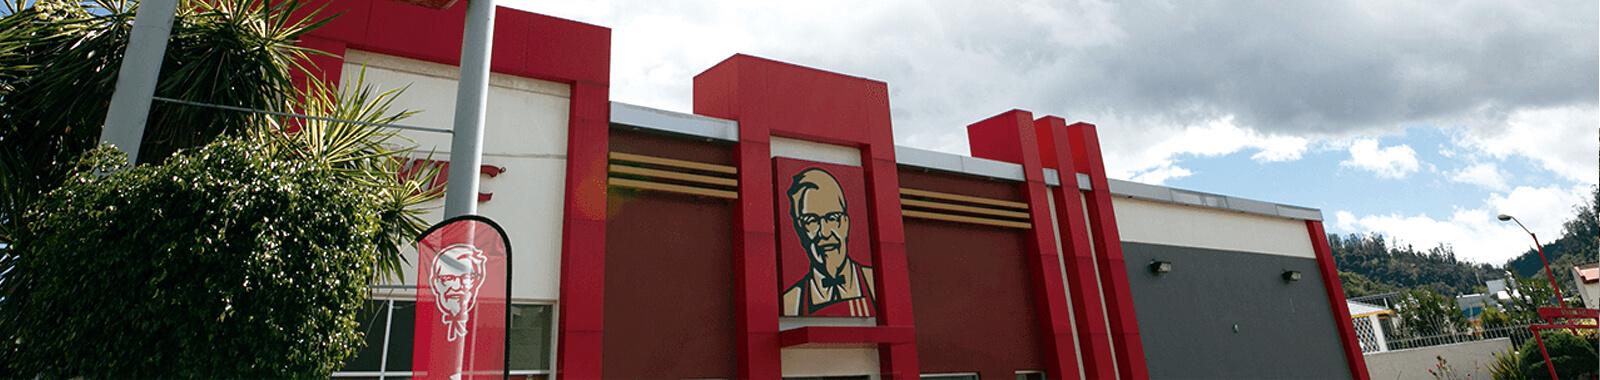 KFC Morelia